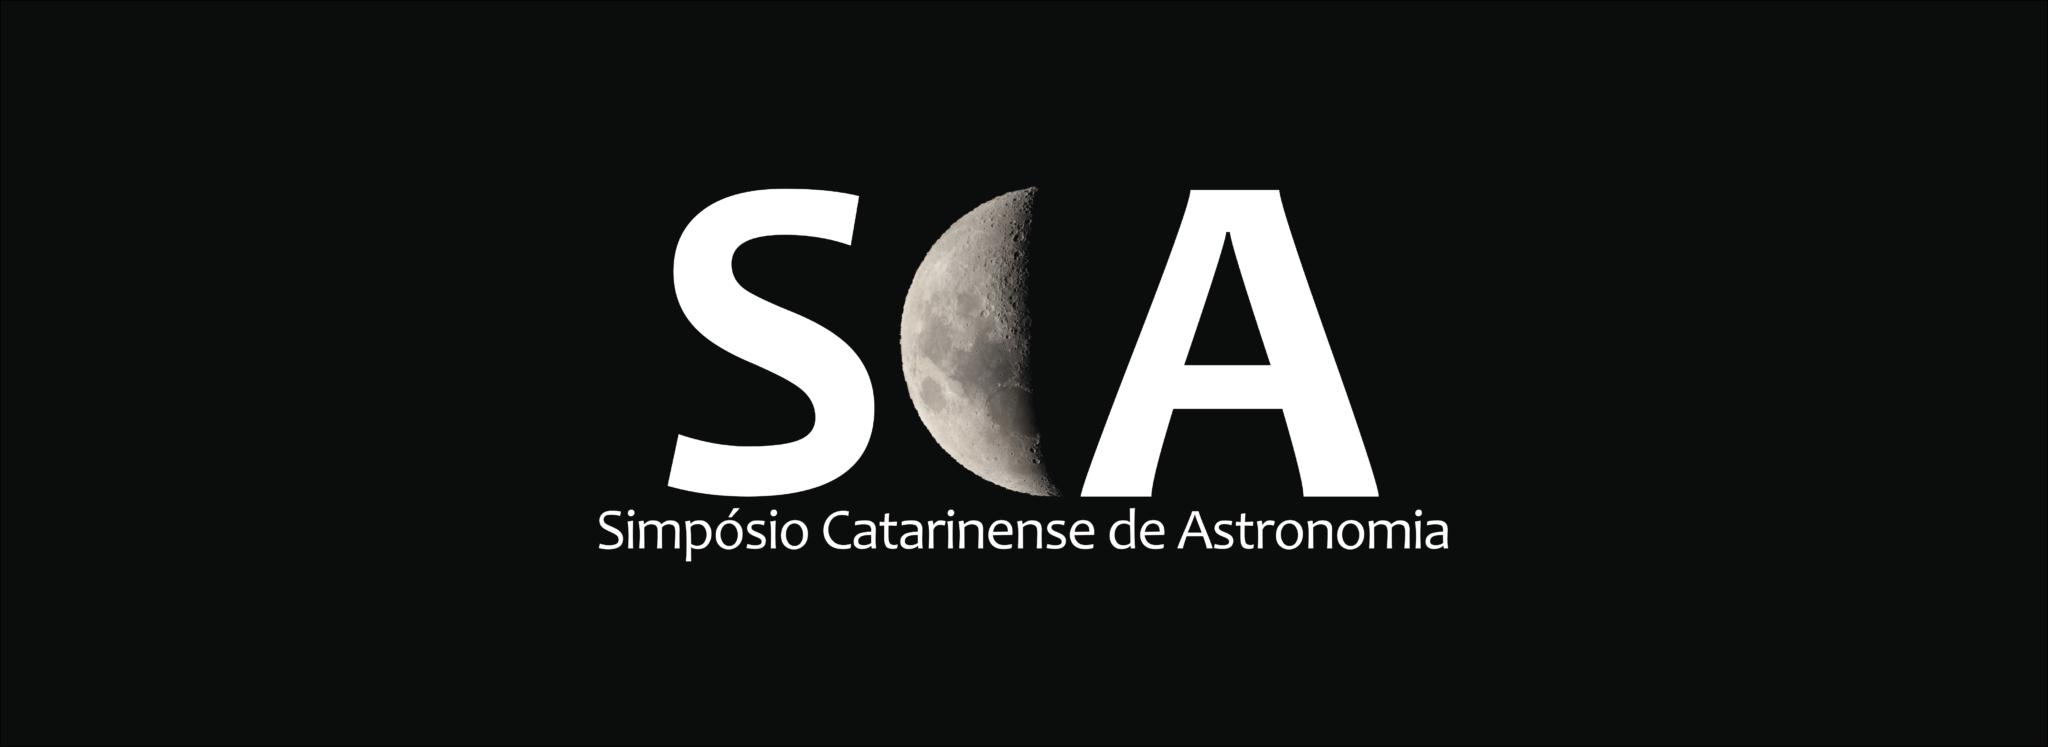 V Simpósio Catarinense de Astronomia – SCA 2016